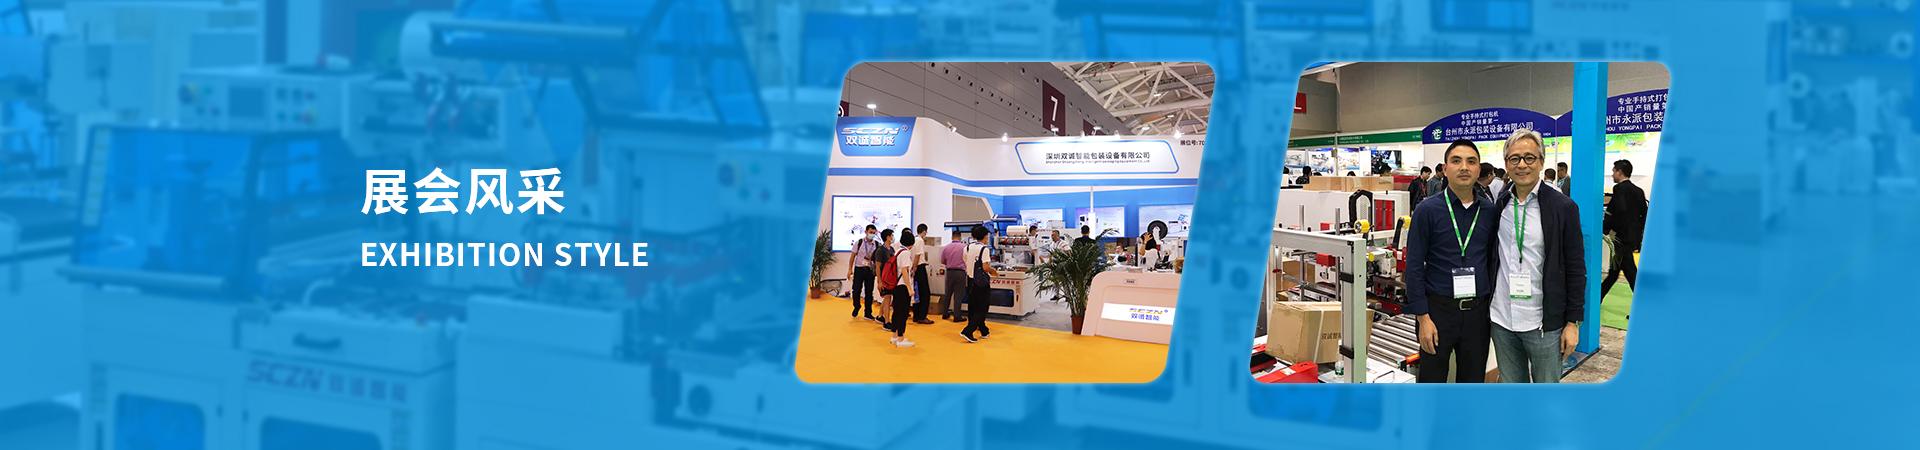 东莞印刷技术展览会